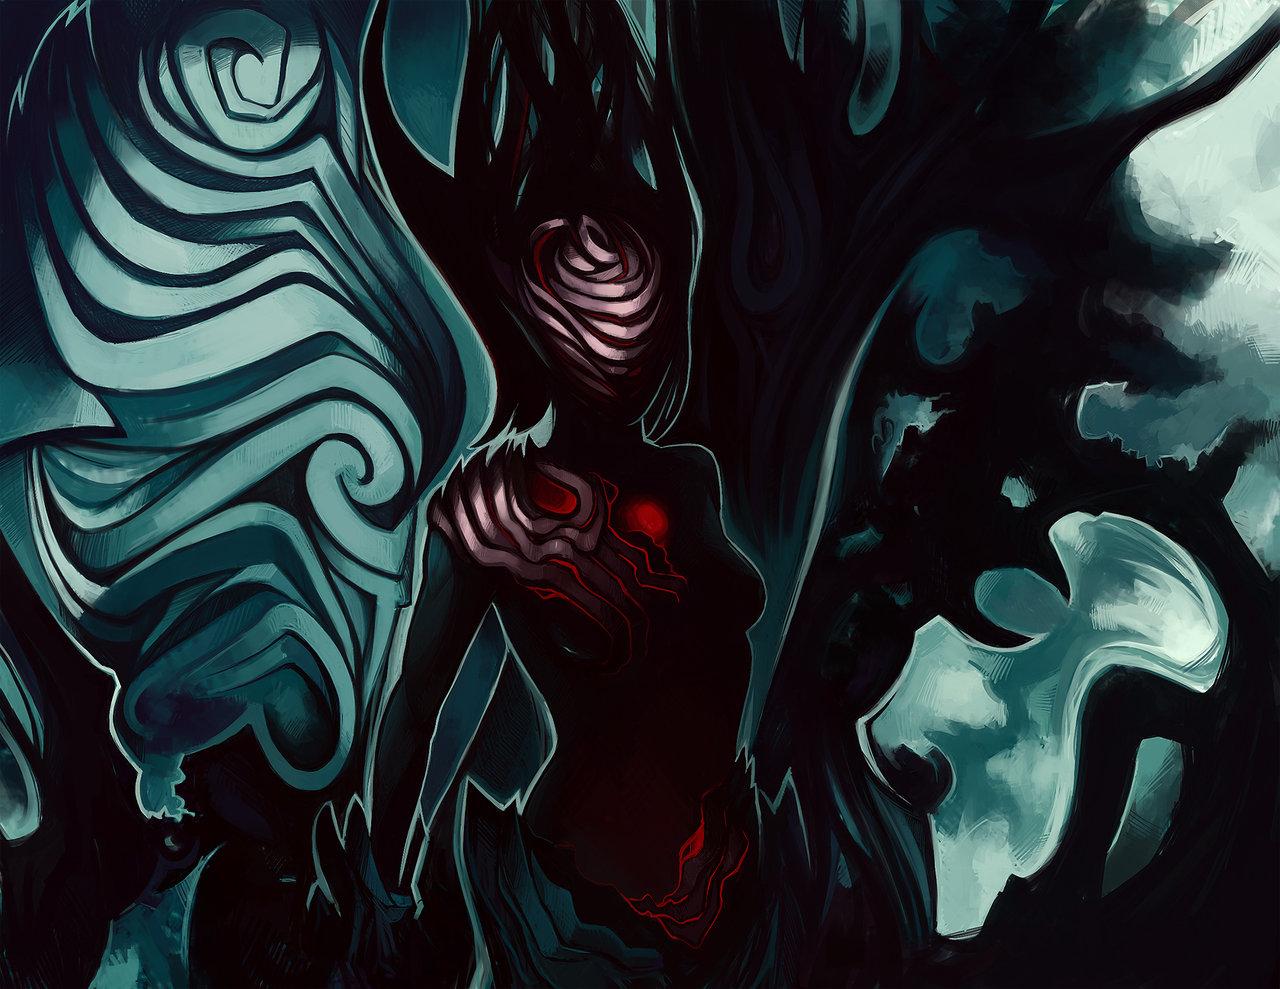 El tesoro de las Hadas [AB Nielan/Zenra] - Página 2 Inverse_Evil_Spirit